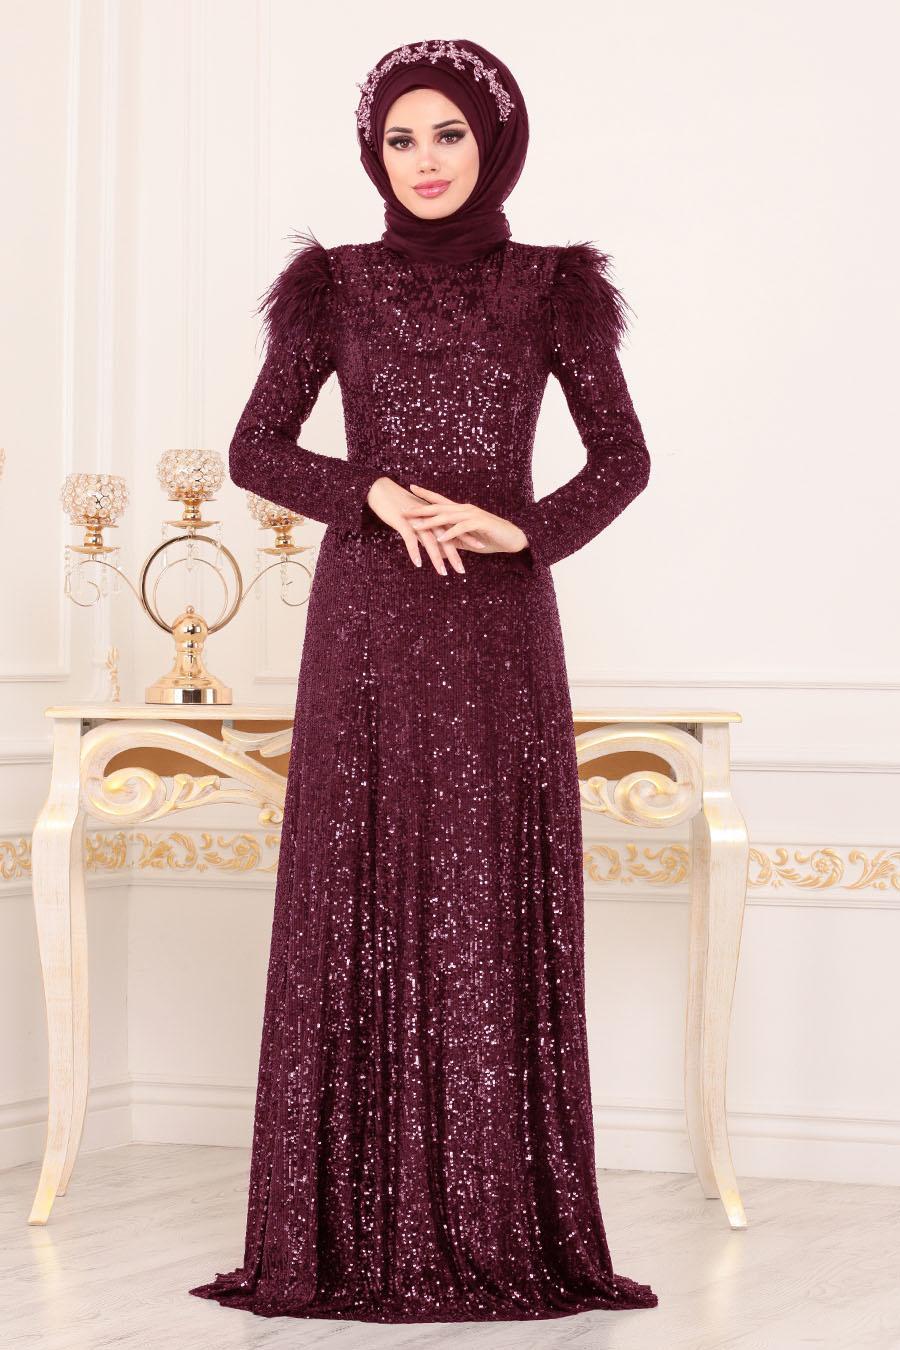 Tesettürlü Abiye Elbise - Otriş Payetli Bordo Tesettürlü Abiye Elbise 21111BR